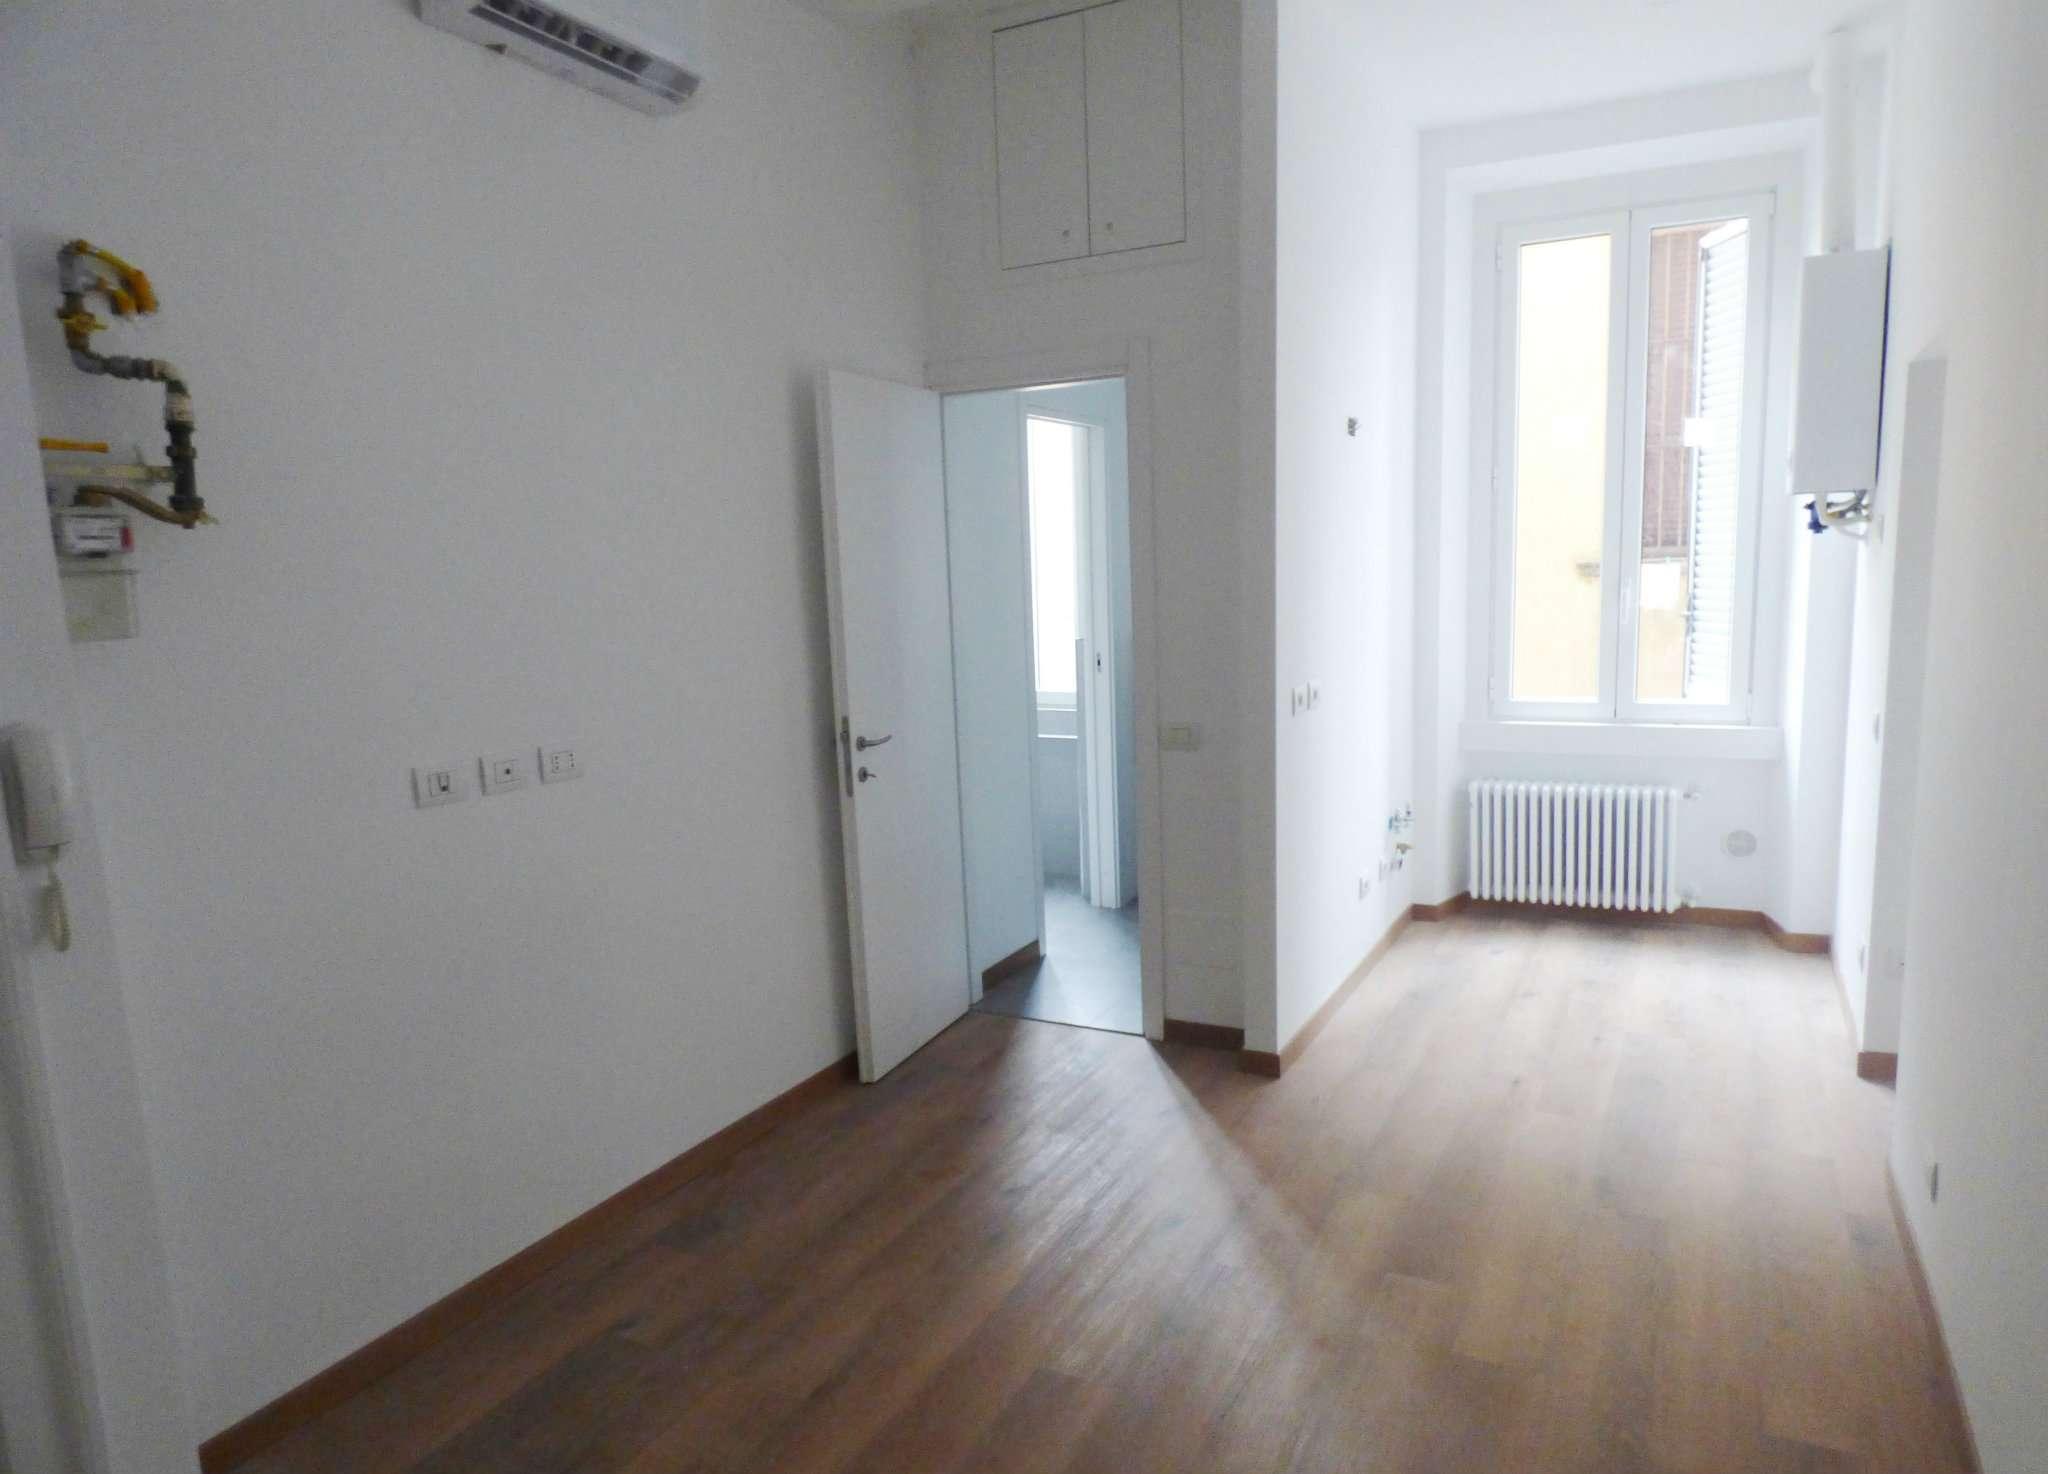 Appartamento in Vendita a Milano 14 Tibaldi / Cermenate / Antonini / Ortles / Bonomelli: 1 locali, 28 mq